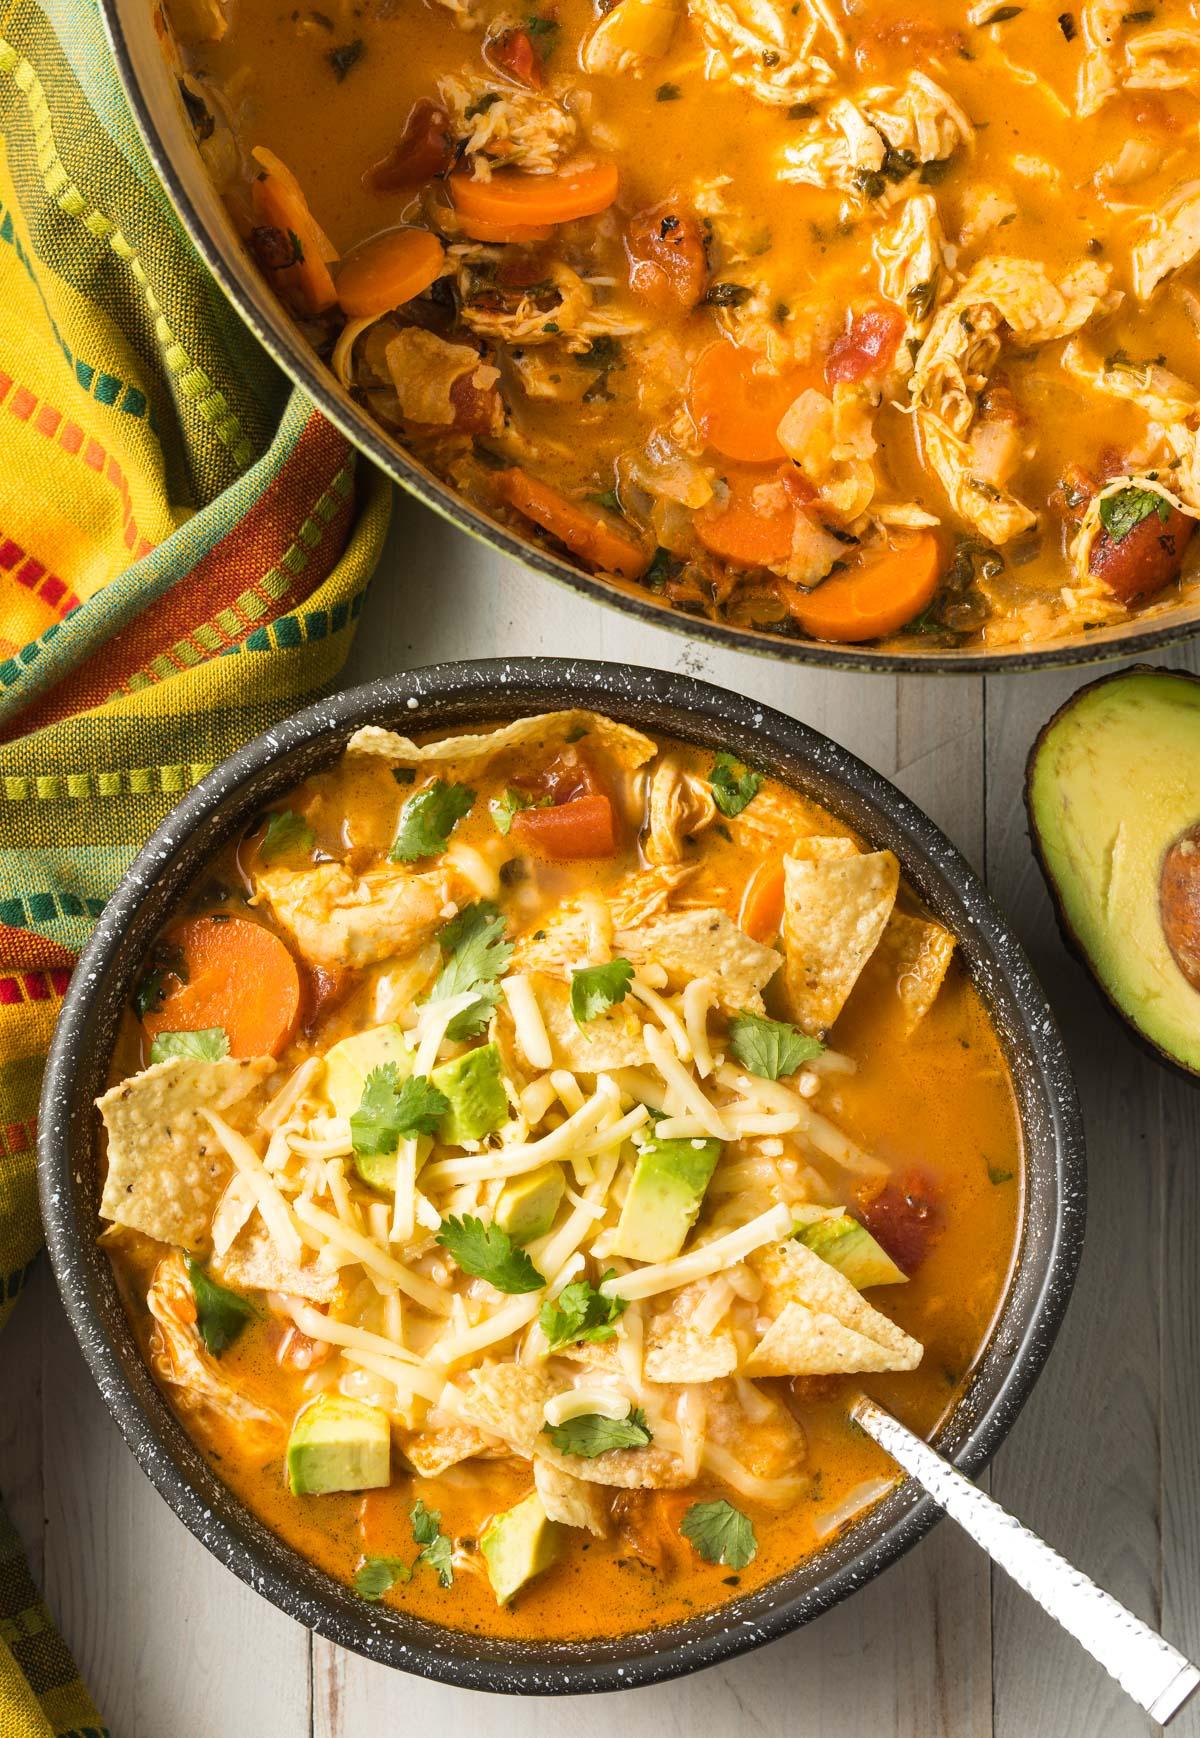 The Best Chicken Tortilla Soup Recipe #ASpicyPerspective #instantpot #slowcooker